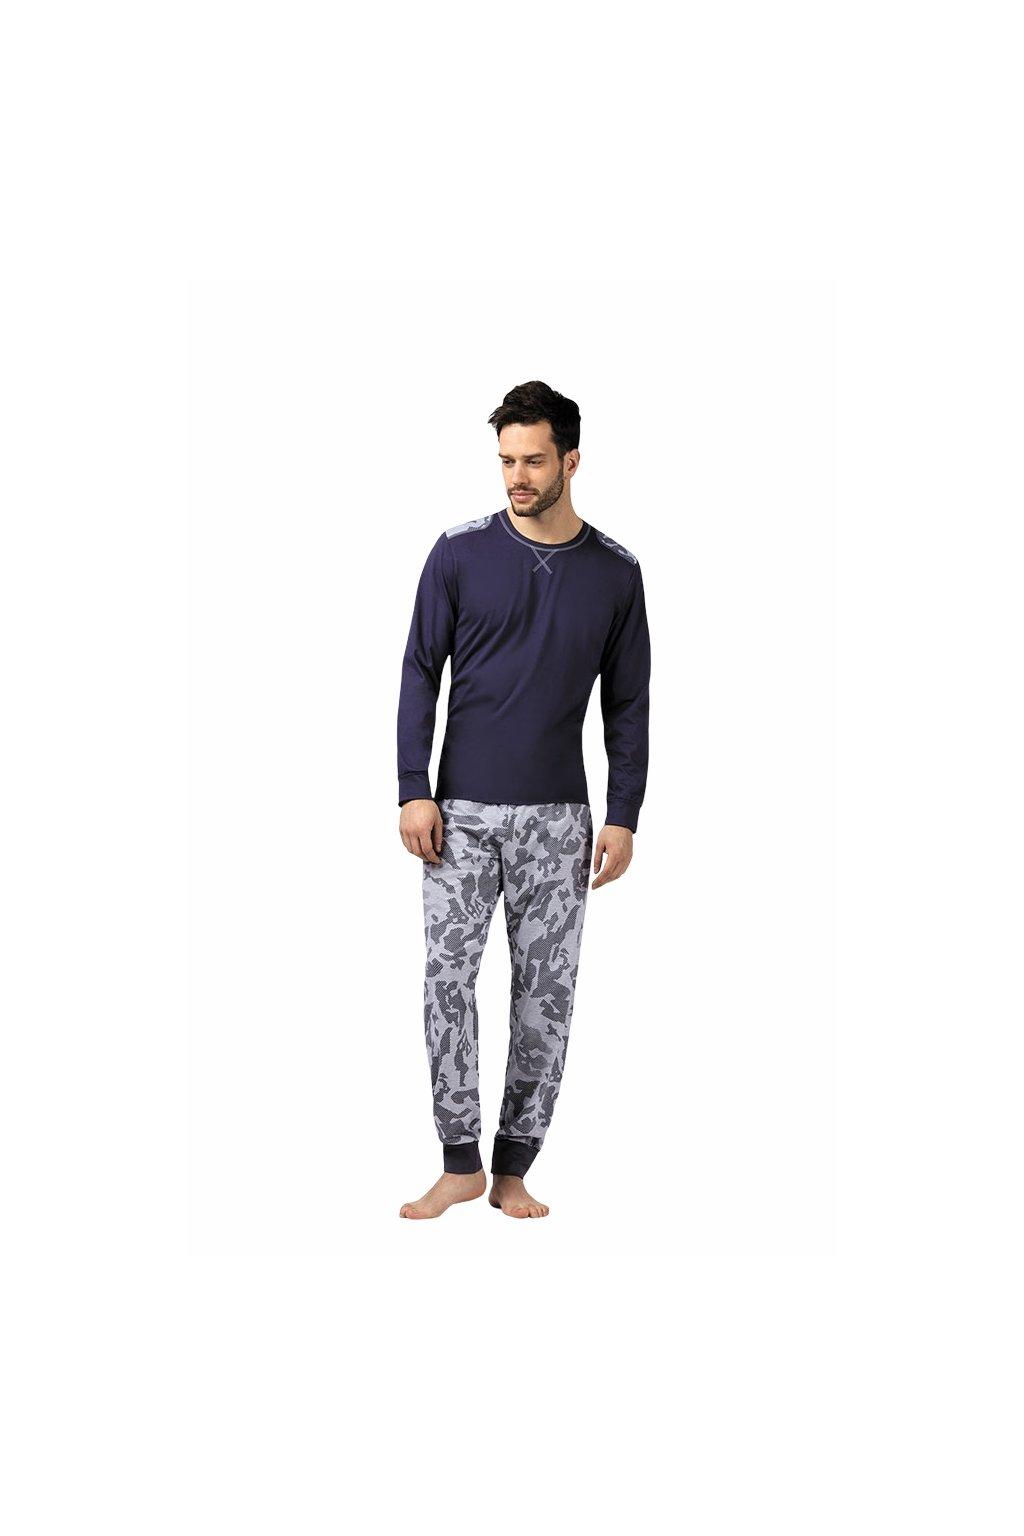 Pánské pyžamo s dlouhým rukávem, 204104 906, hnědá